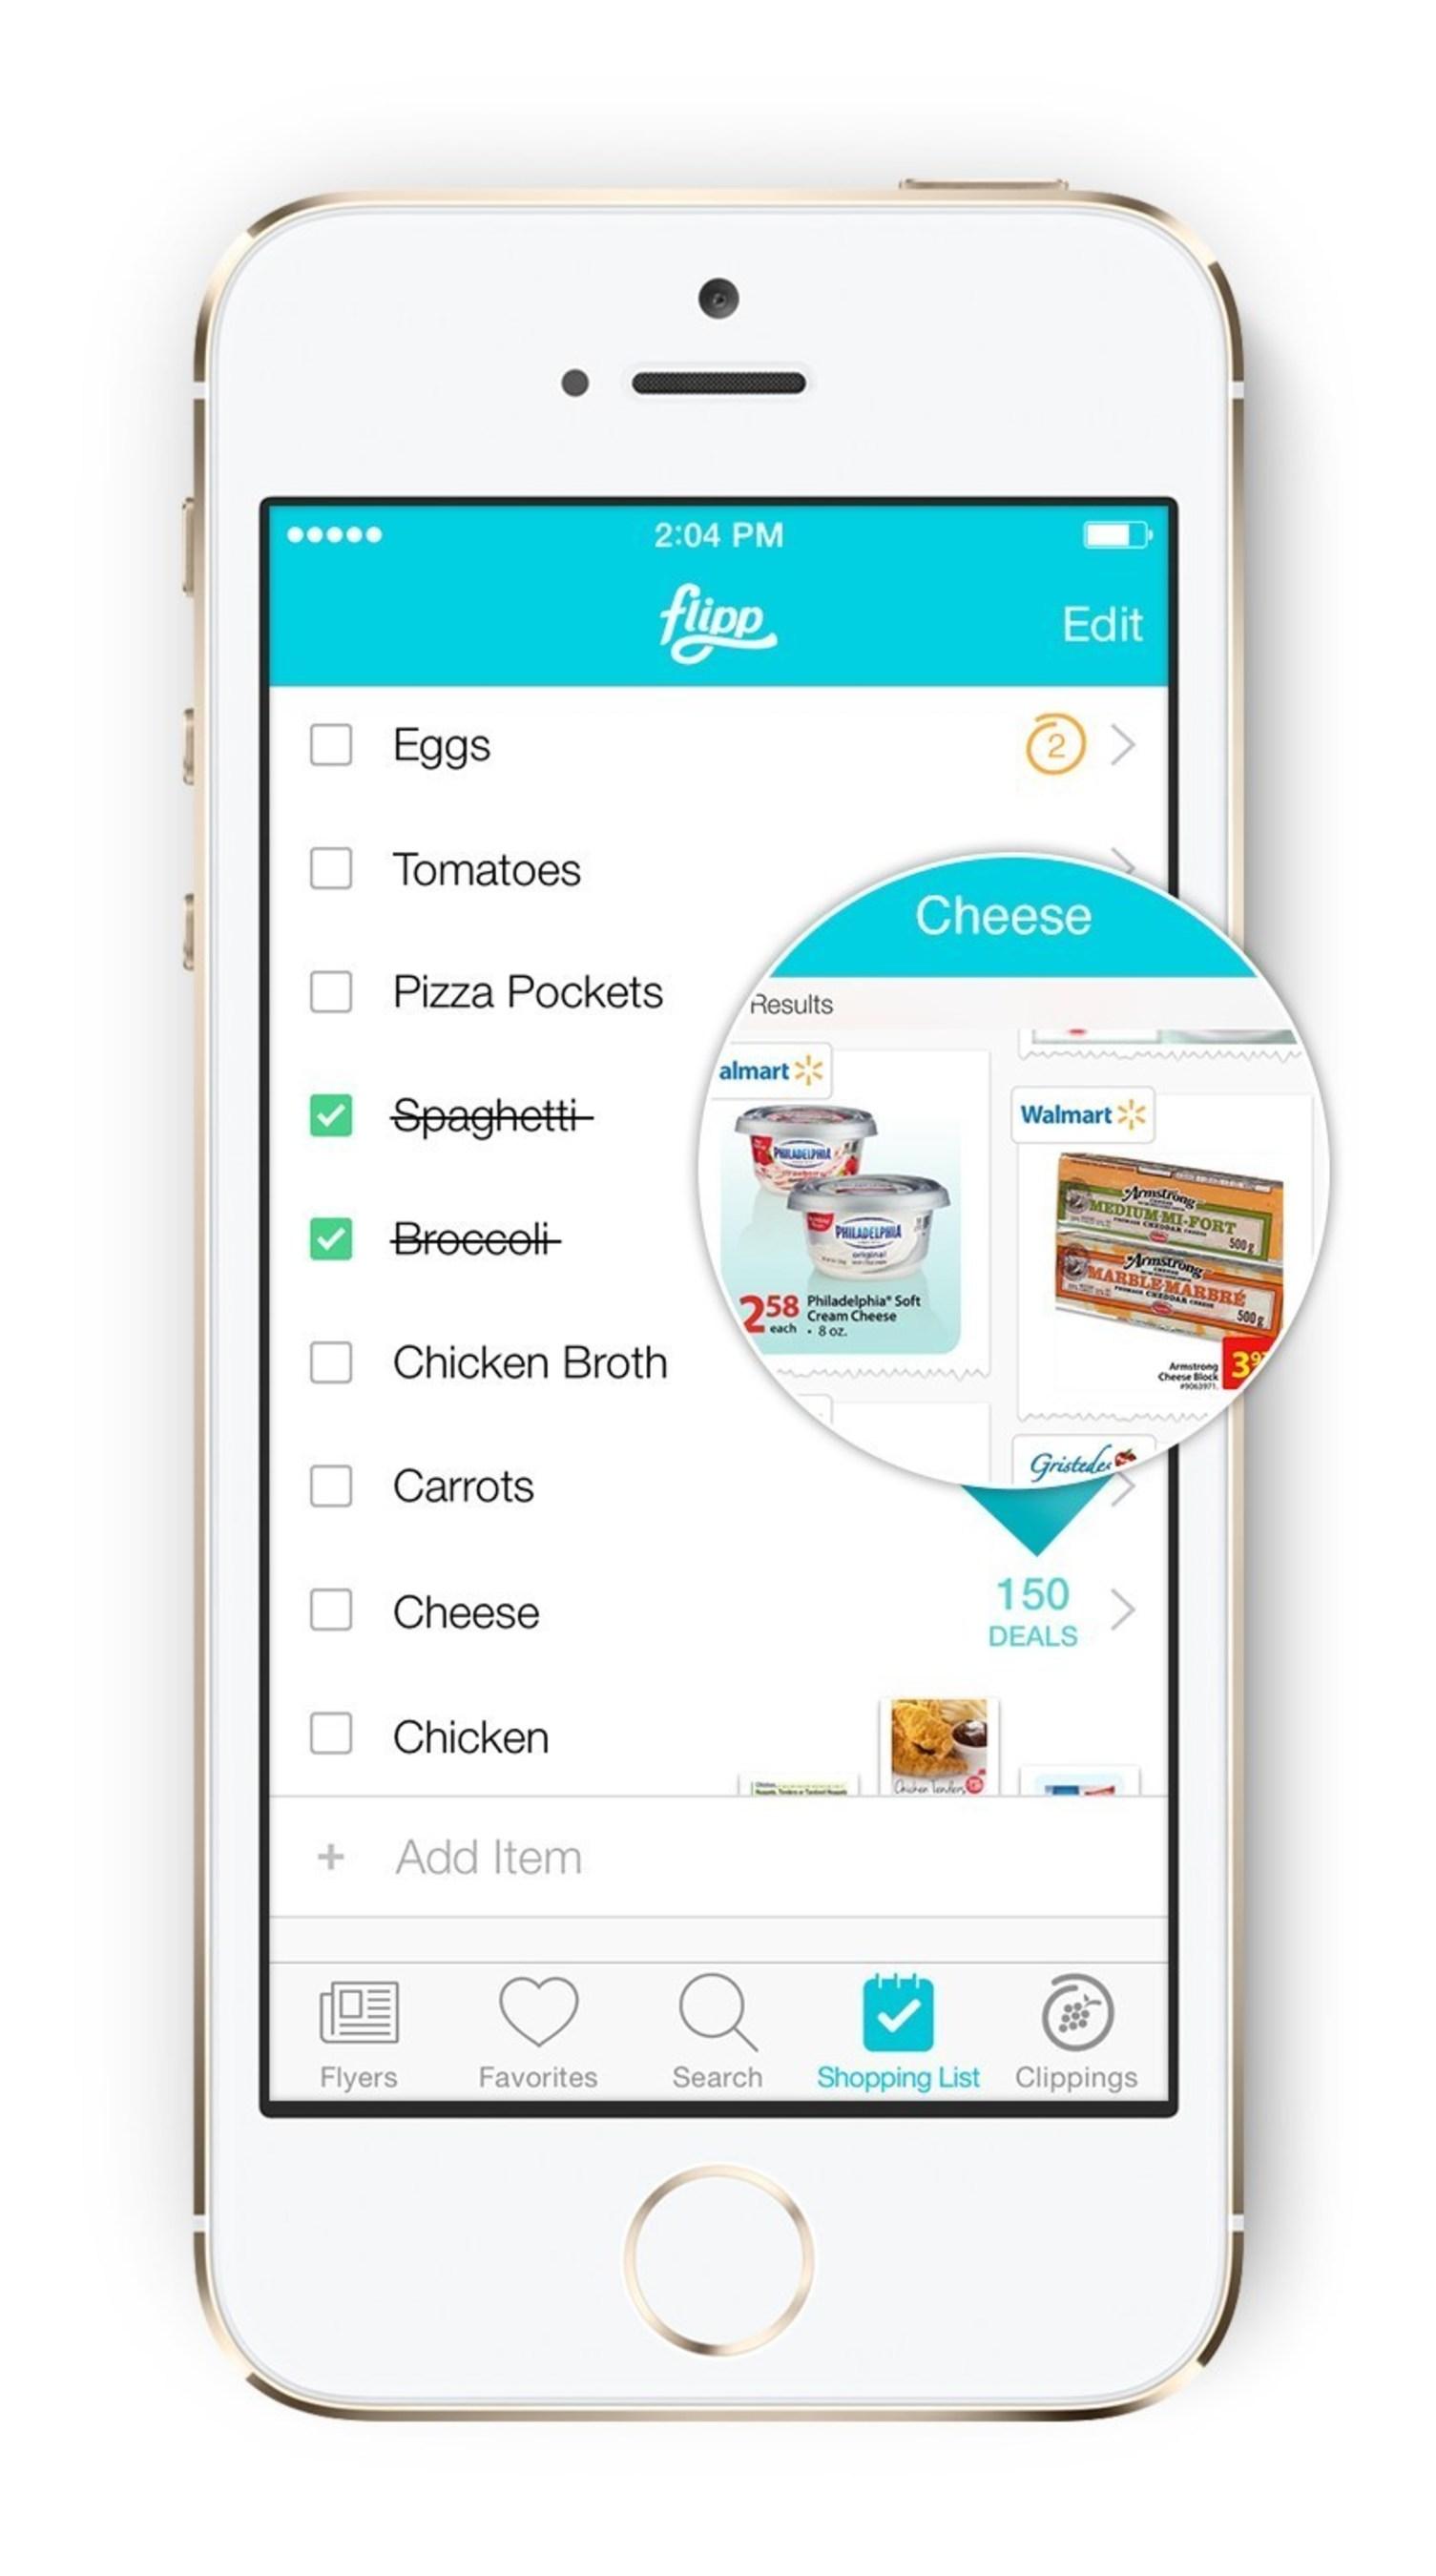 Shopping list feature in Flipp app